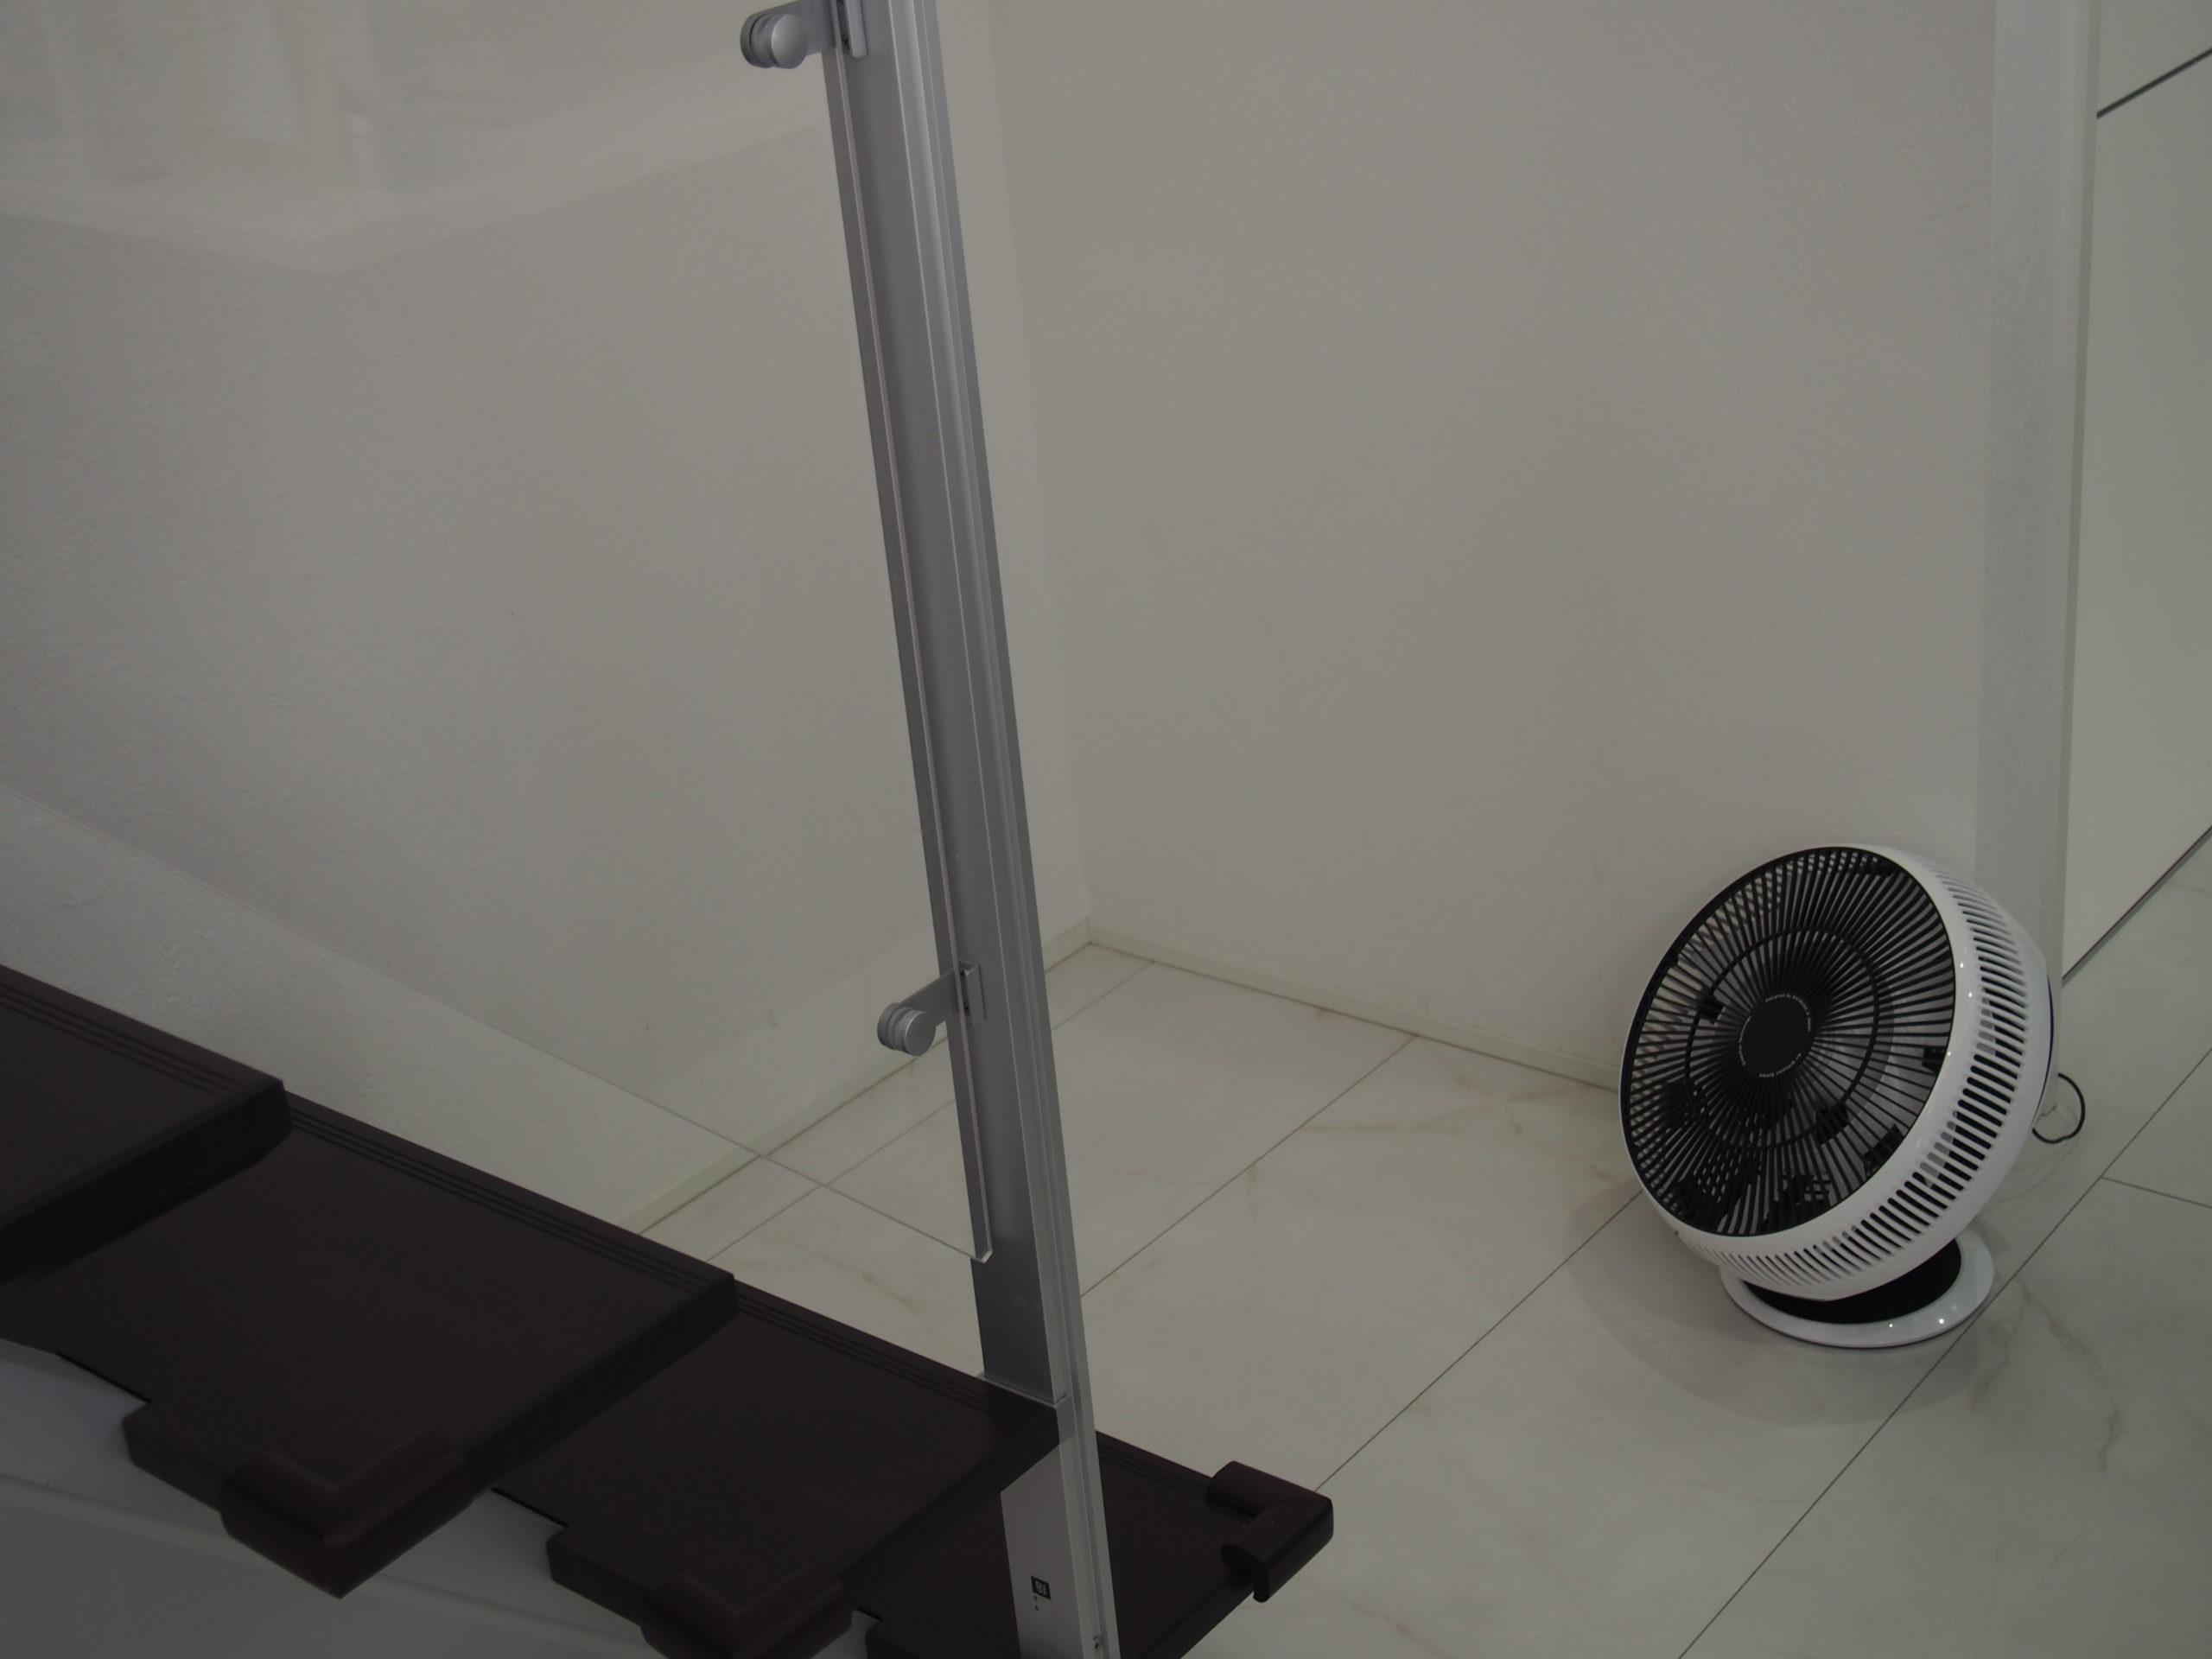 バルミューダのサーキュレーターで電気代節約は本当?おすすめの使い方を紹介!